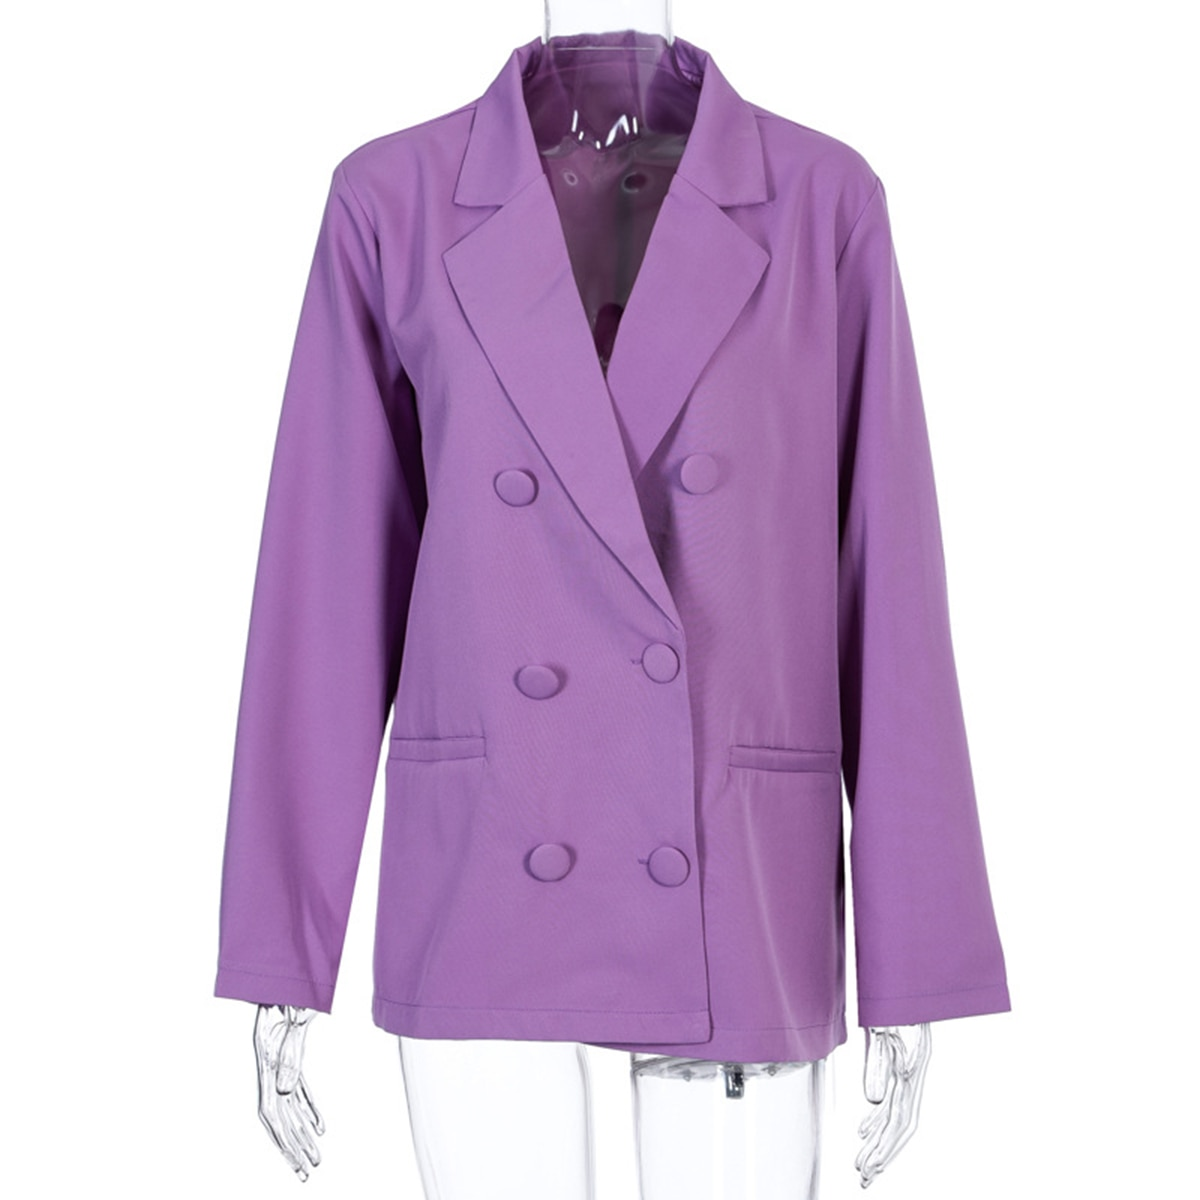 Женский однобортный Блейзер в винтажном стиле, свободный розовый официальный пиджак, верхняя одежда, 2021